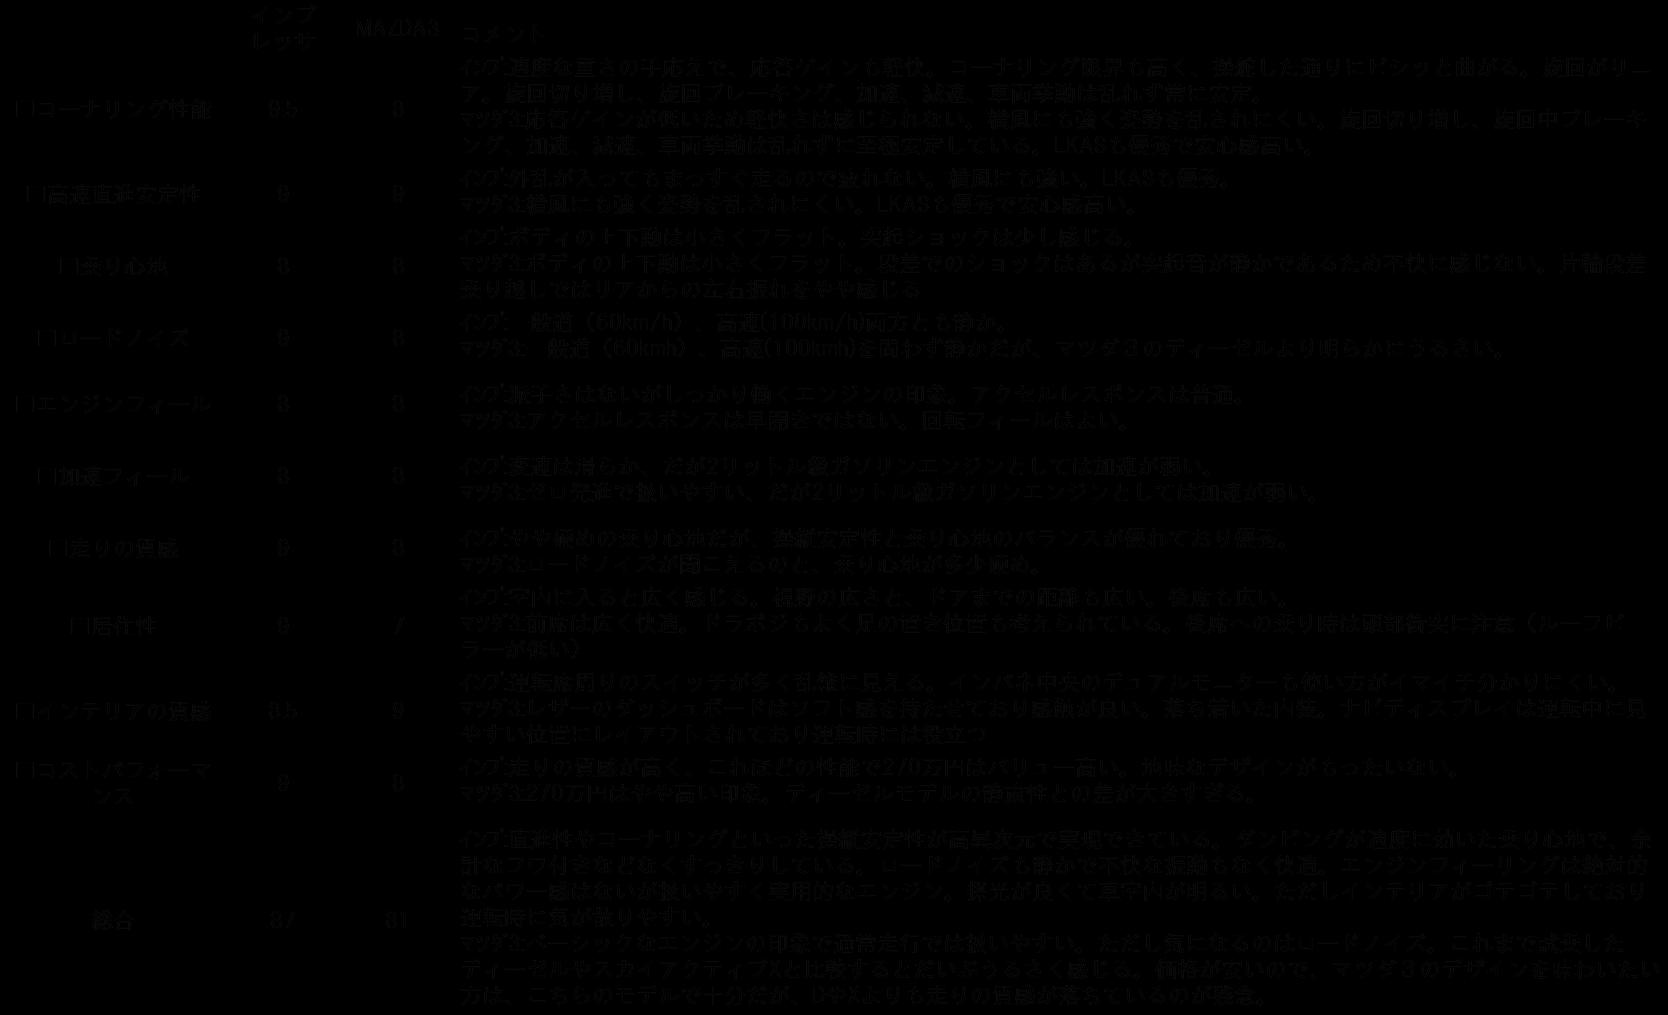 「ハンドリングや乗り心地はどちらが良い? 走りの違いを徹底比較【インプレッサSPORT&MAZDA3比較(走行性能編)】」の13枚目の画像